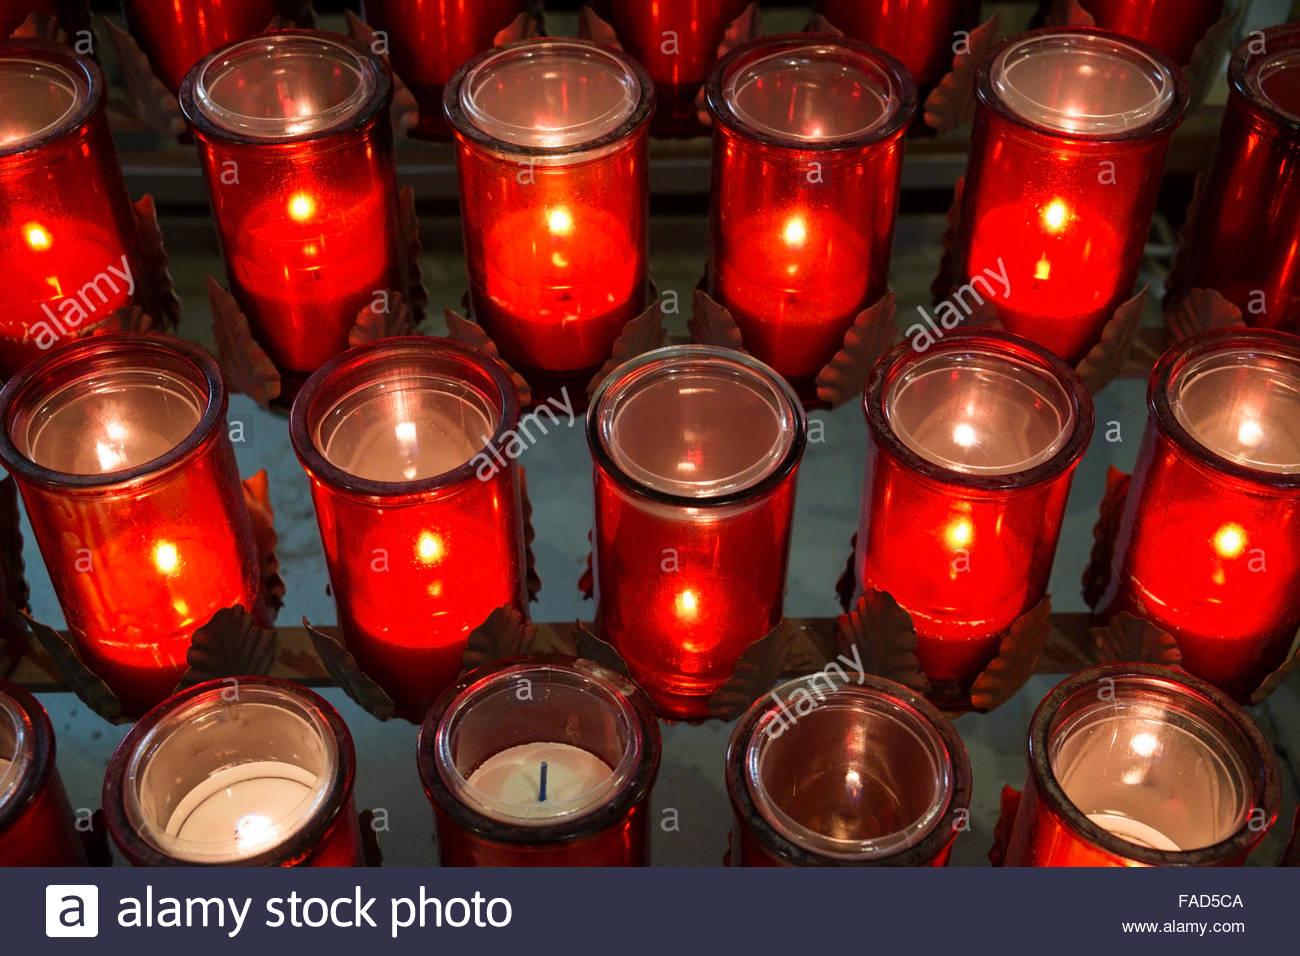 Le candele per la devozione all'interno Église Saint-Roch Chiesa, Quebec City, QC, Canada Immagini Stock